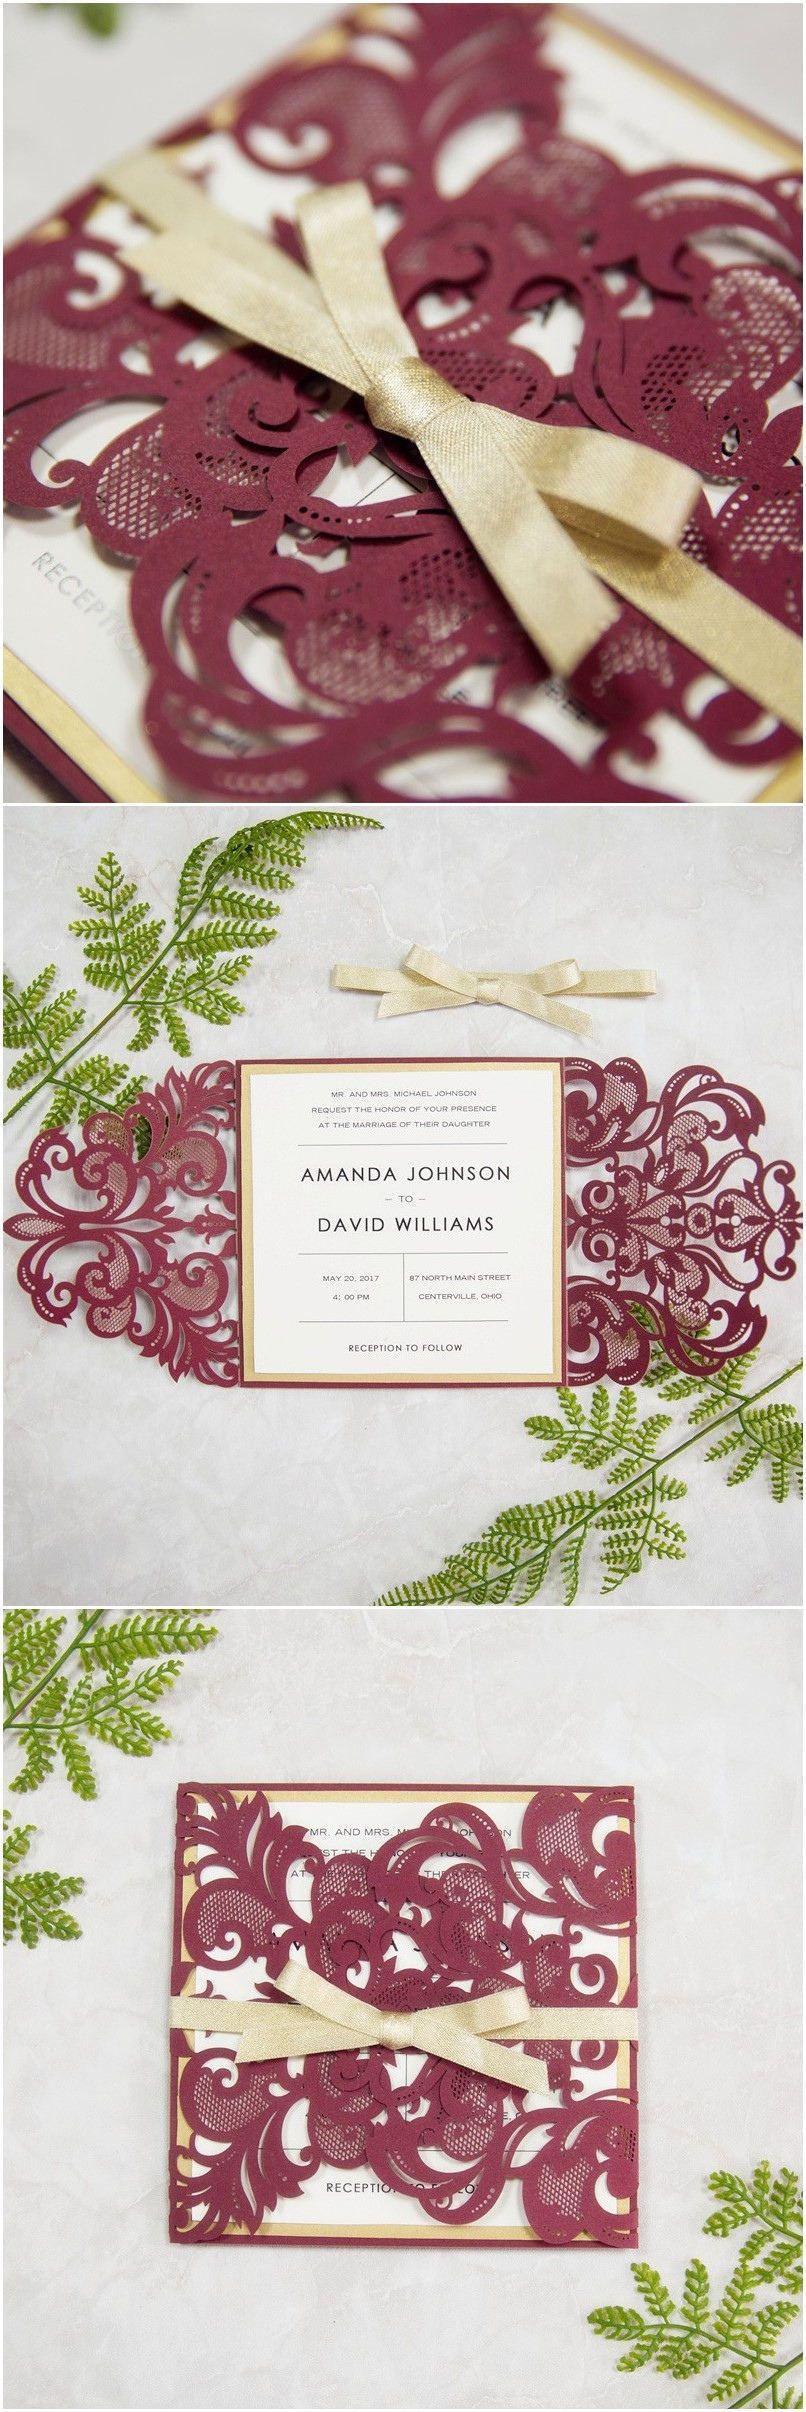 Maroon and cream wedding decor  Elegant Burgundy and Gold Laser Cut Wedding Invitations SWWS